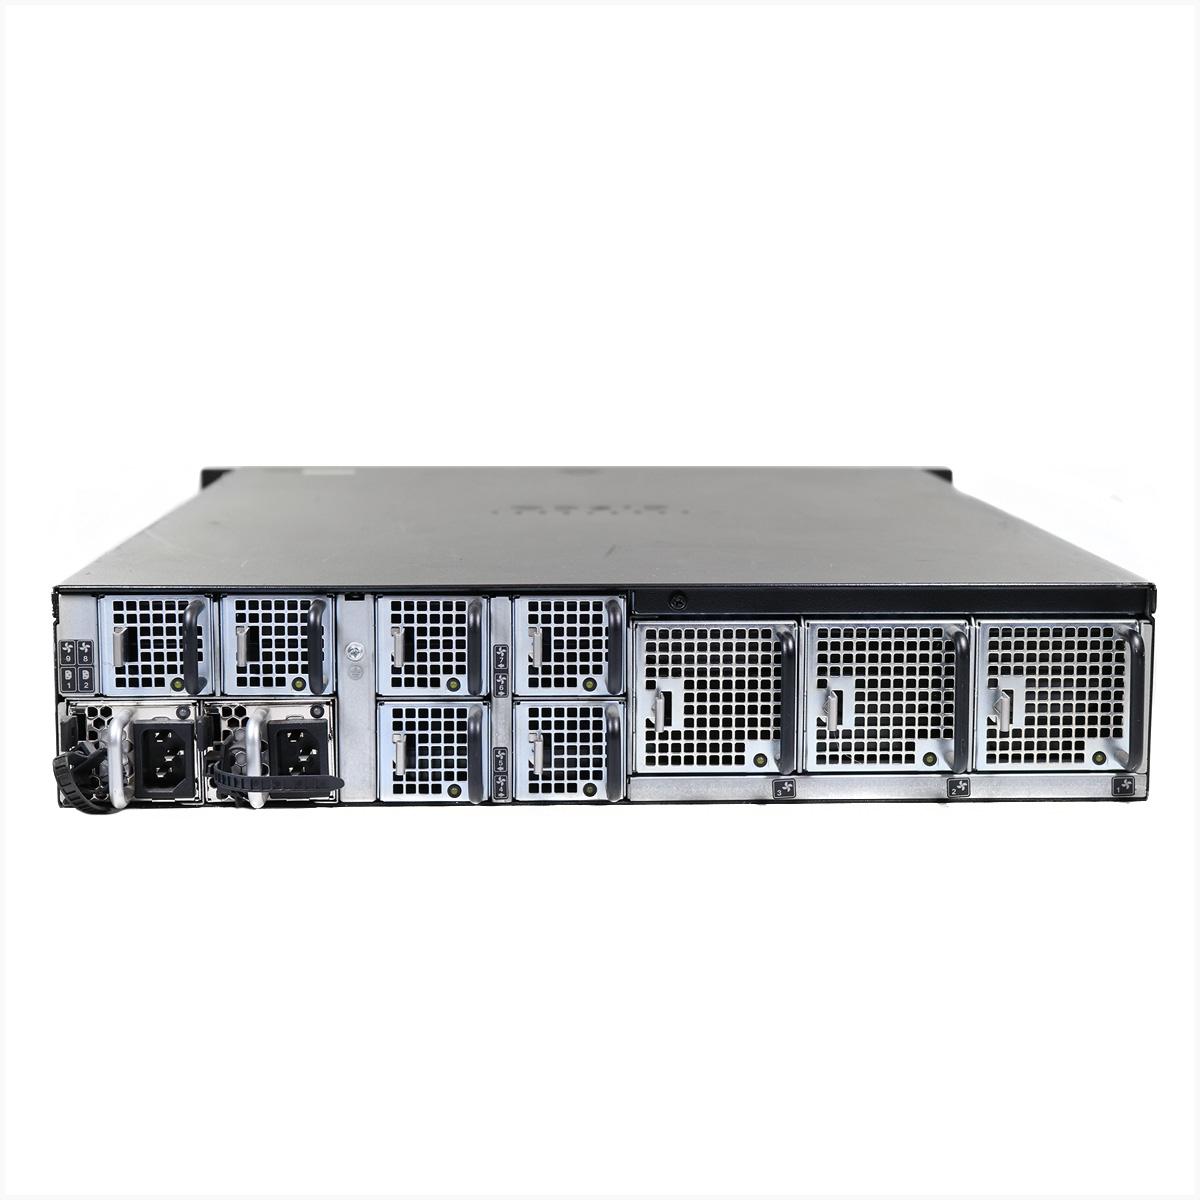 Servidor cisco wave-7541-k9 2x xeon e5620 64gb 2x 1tb sas - usado